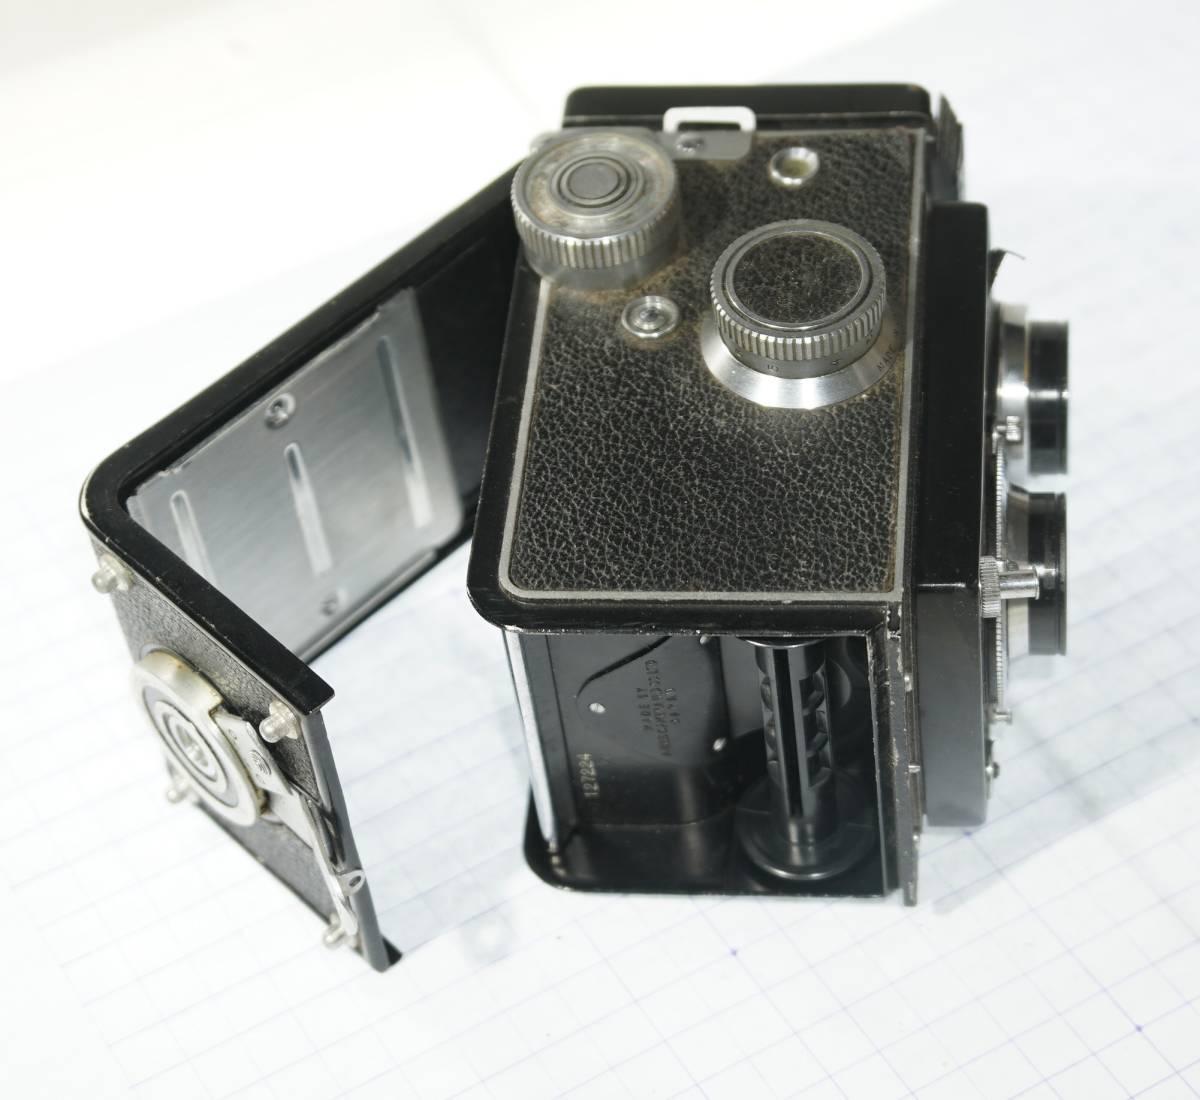 クラシックカメラ・。アイレスフレックス・AIRESFLEX_画像8